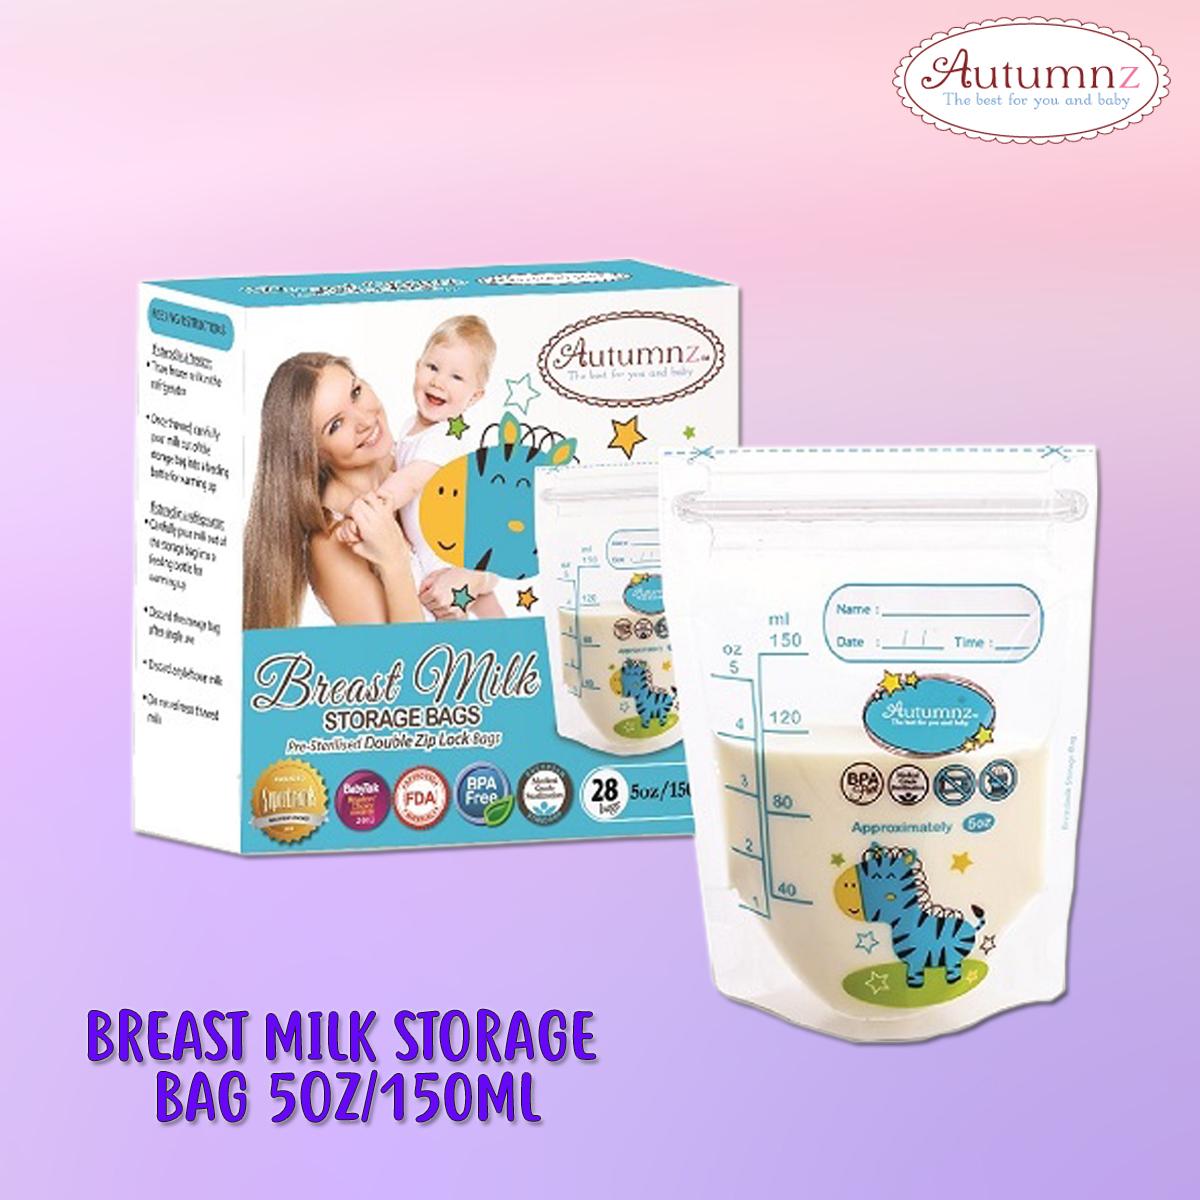 breastmilk storage bag 5oz.jpg